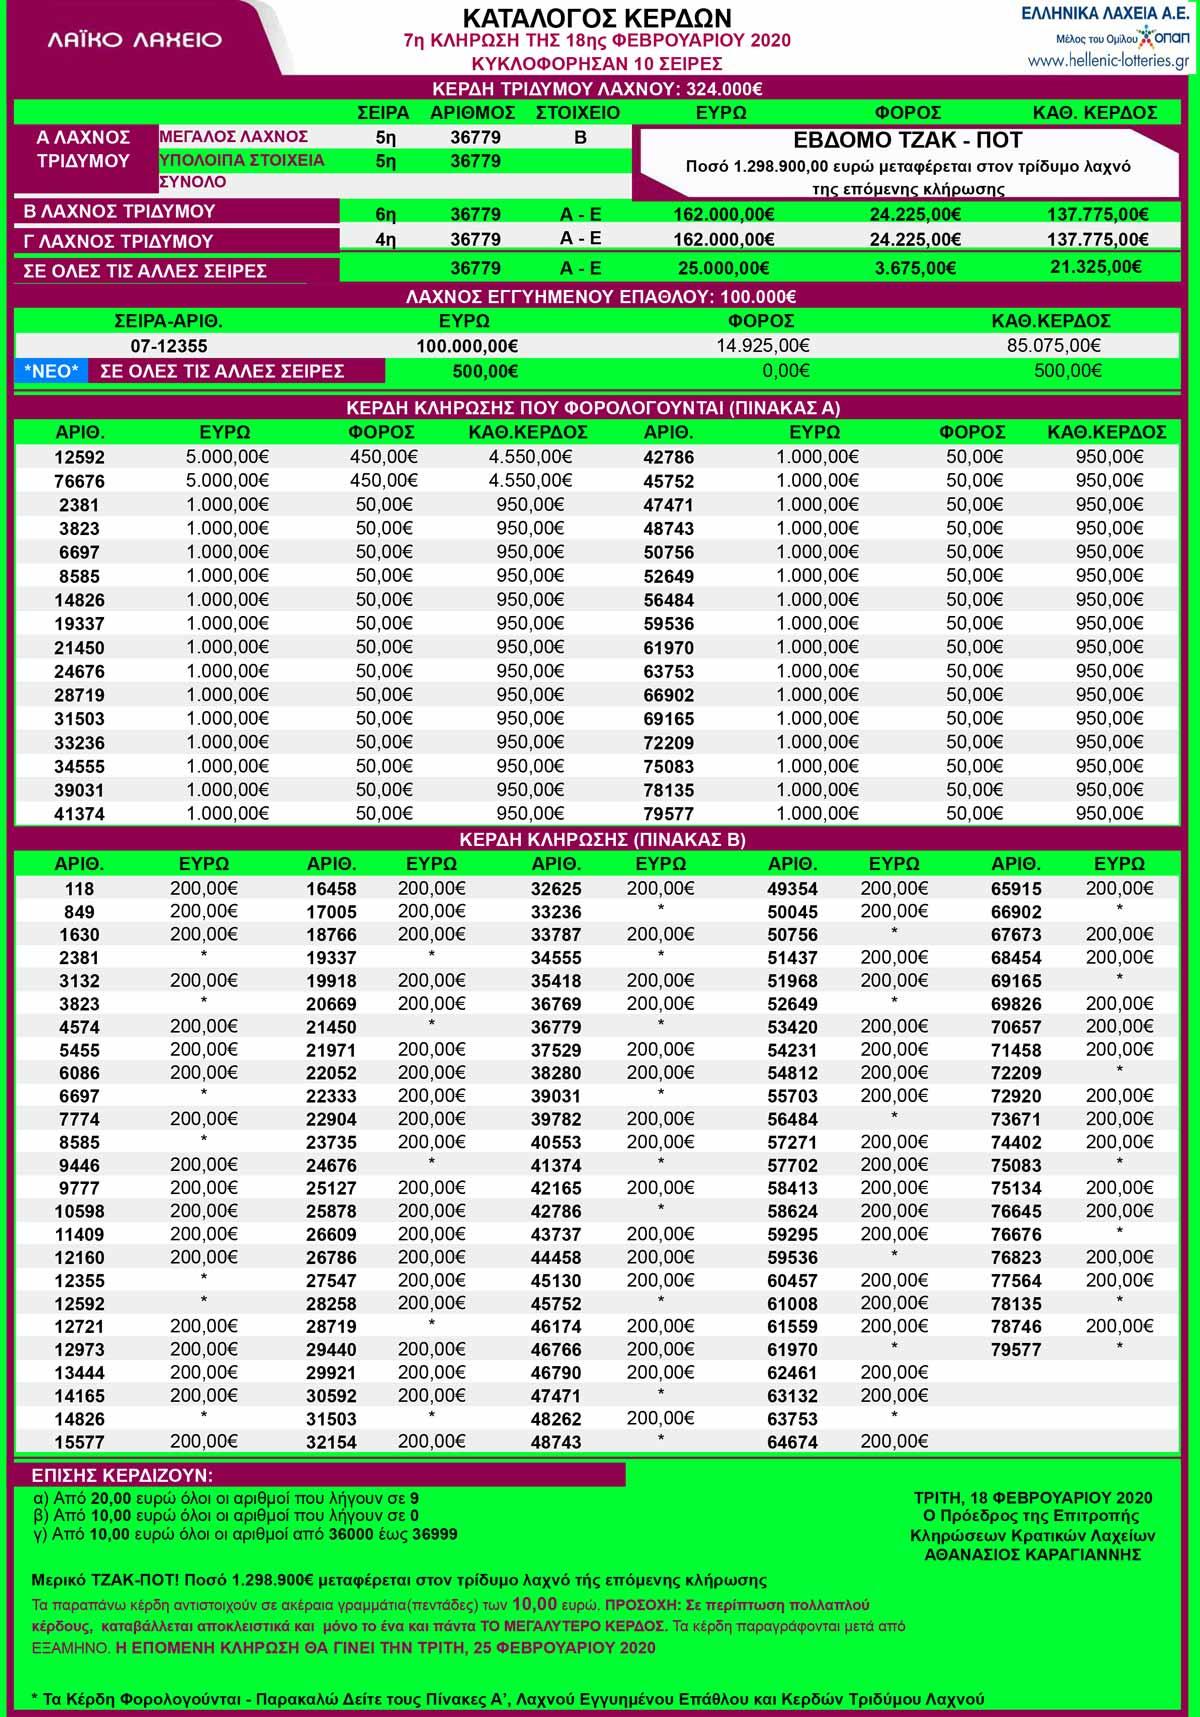 laiko-laxeio-18-02-2020-klirosi-laiko-18-2-20-apotelesmata-laikoy-laxeioy-18-fevroyarioy-2020